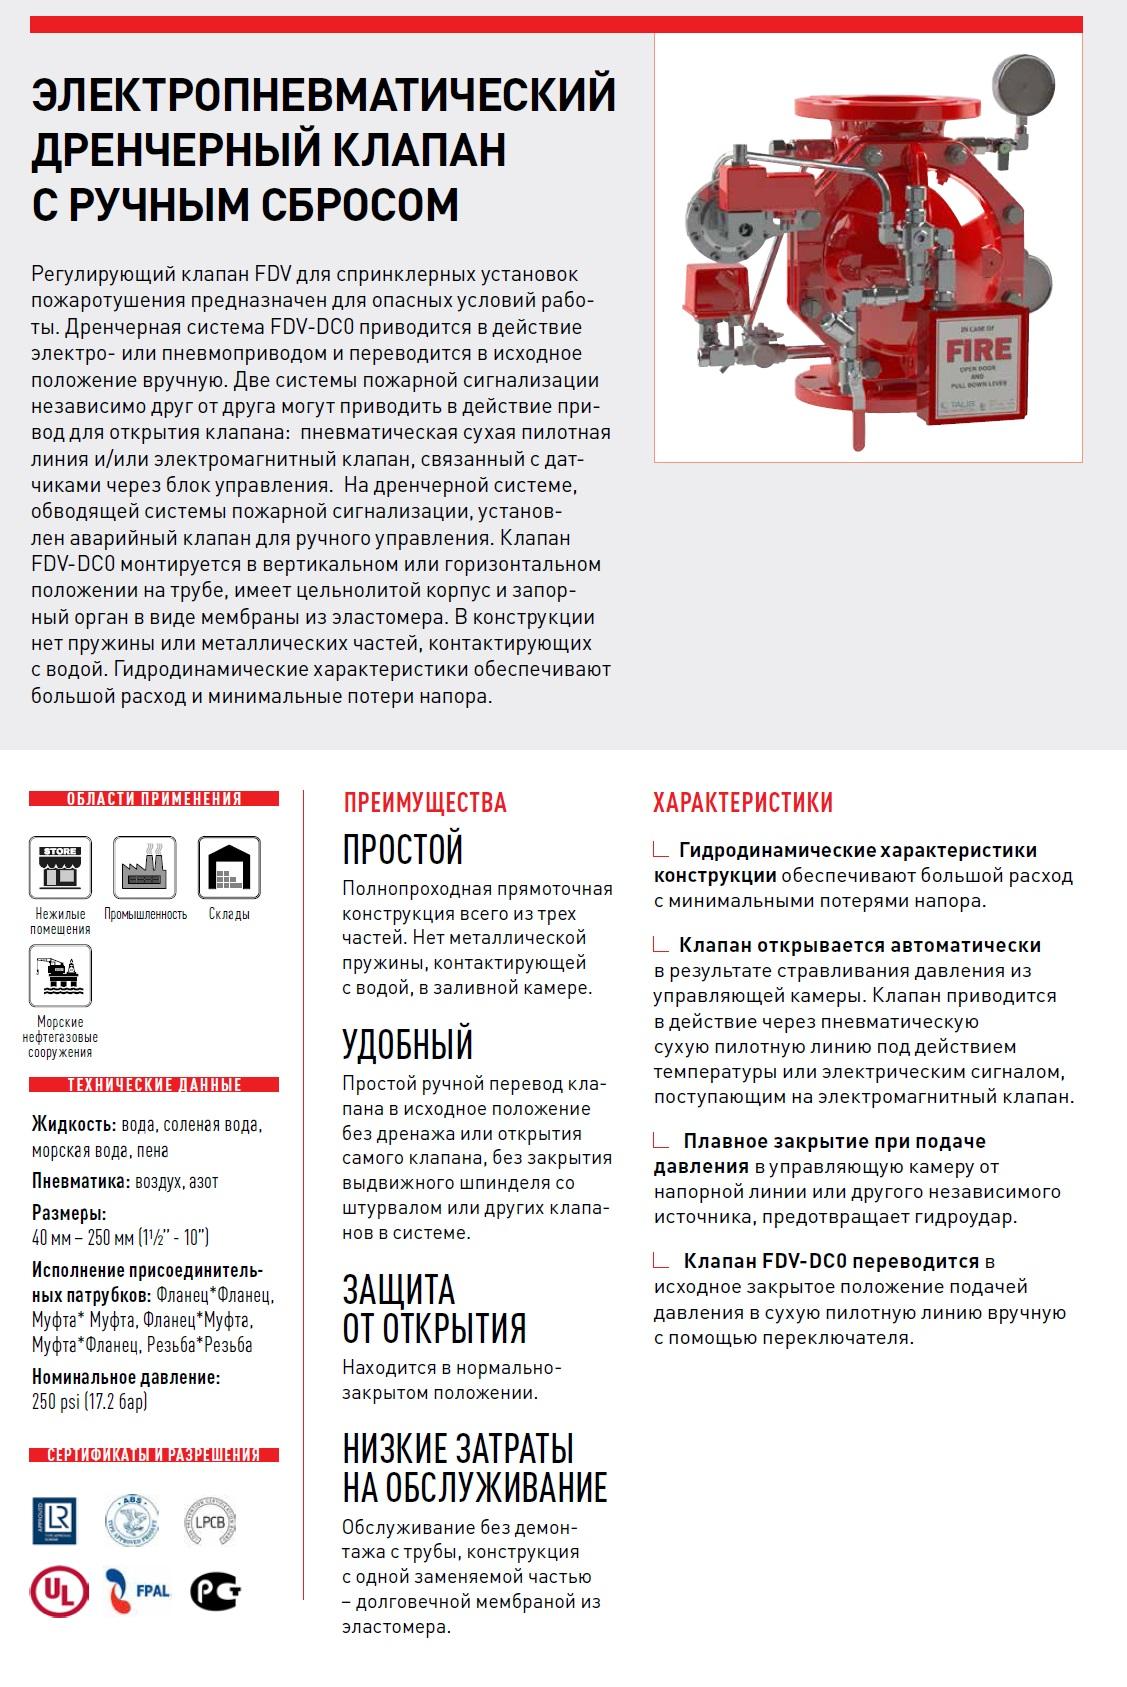 FDV-DC0.jpg